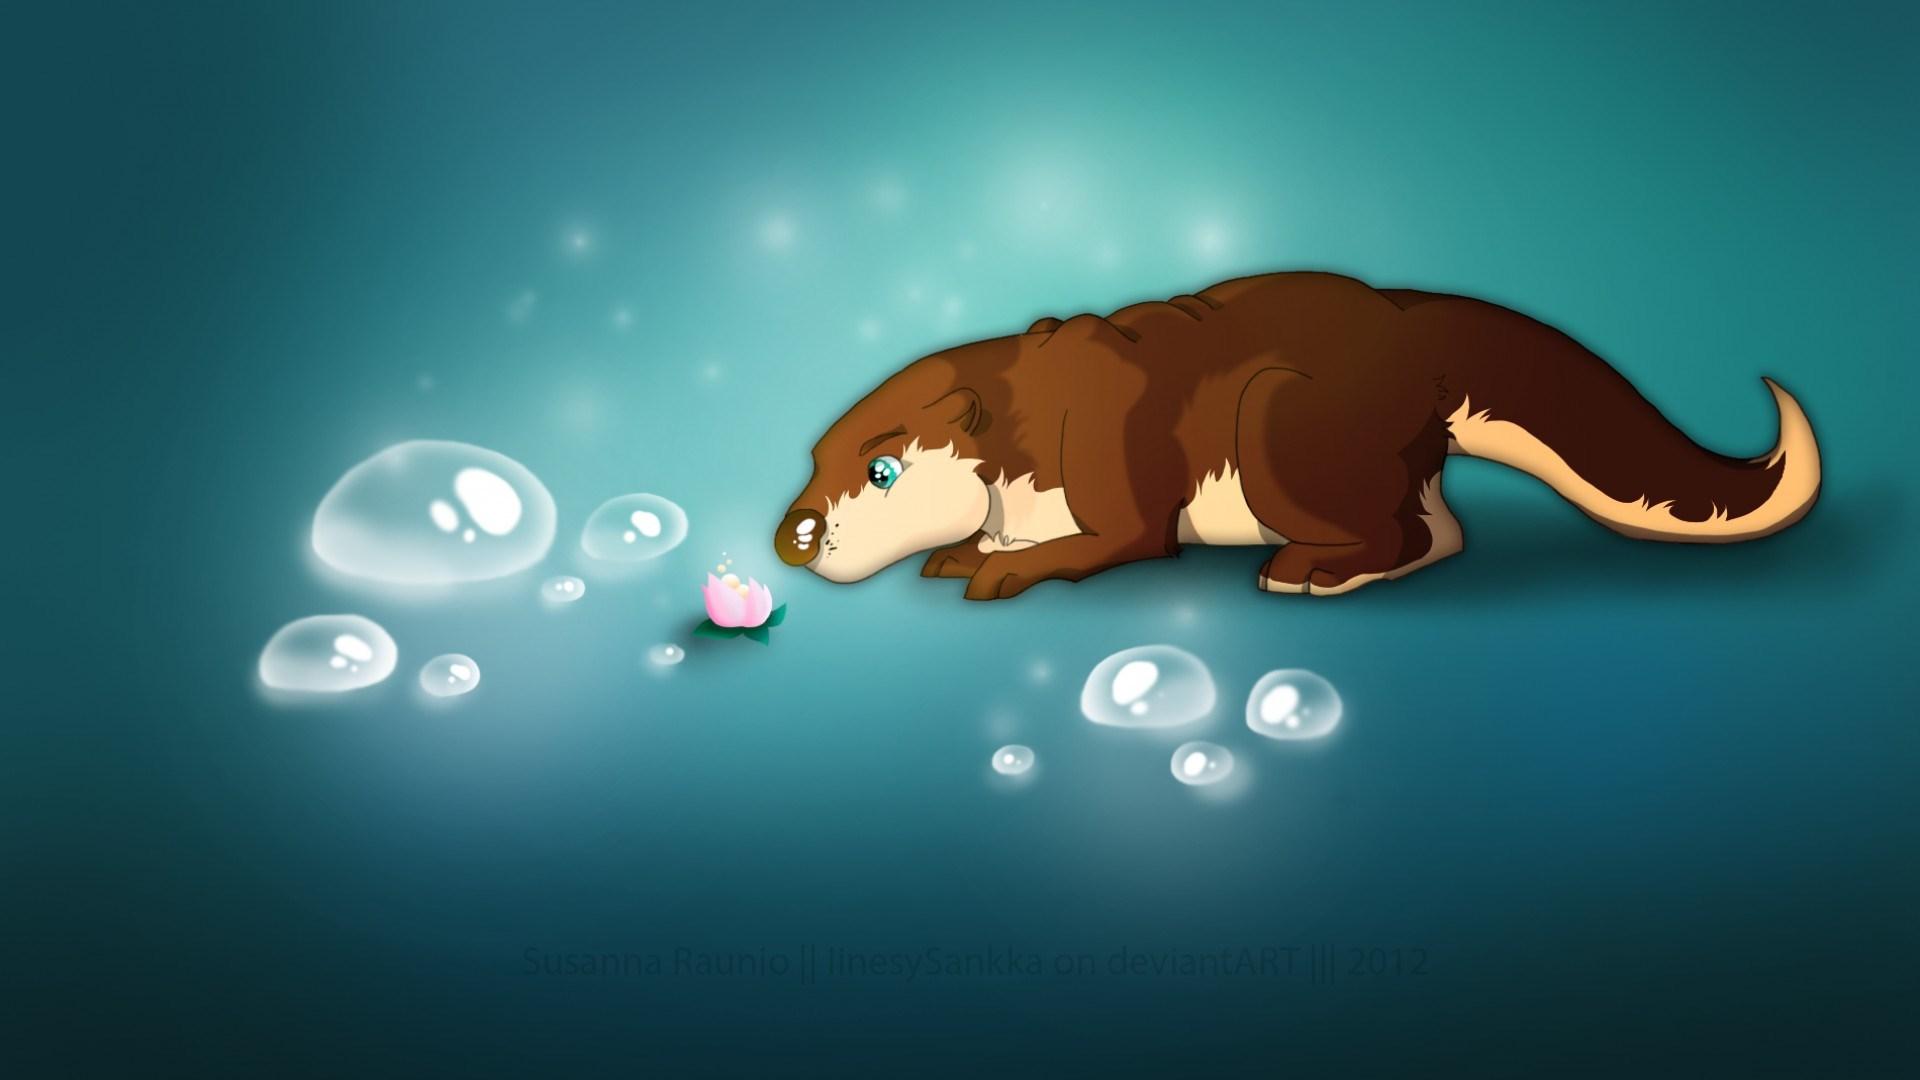 Flower Bubbles Otter Artwork